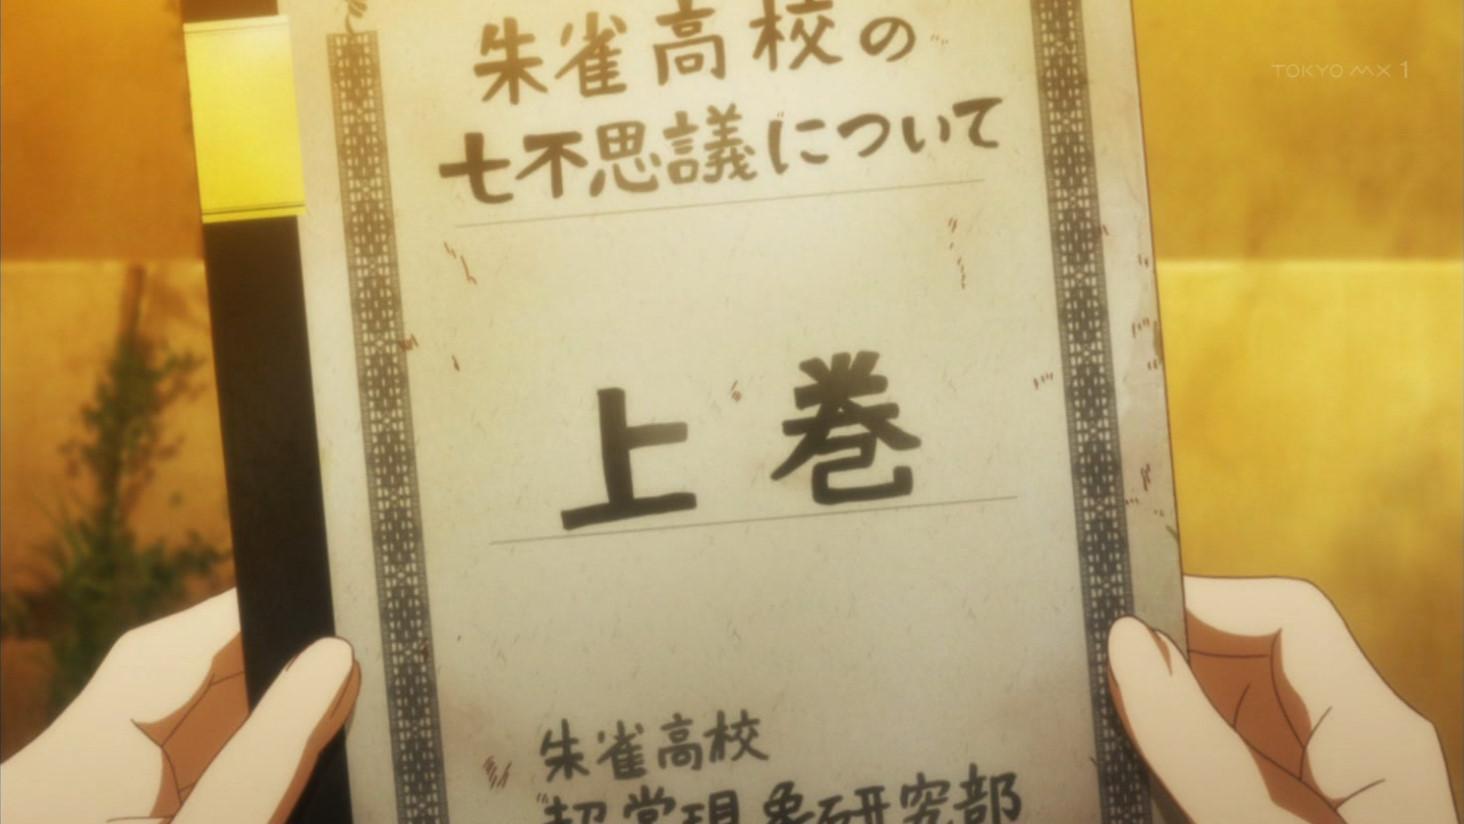 七不思議 #yamajo #yamajo_anime #やまじょ #tokyomx http://t.co/KMXdKcHk6q